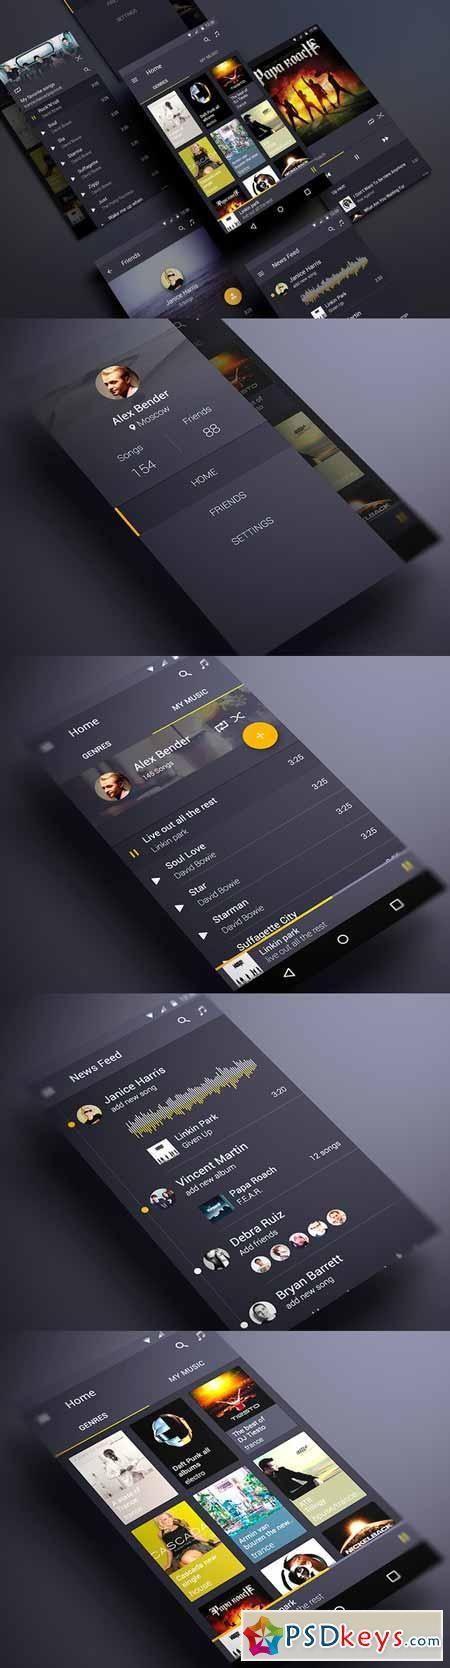 Android music app material design 139303 design tec android music app material design 139303 reheart Images